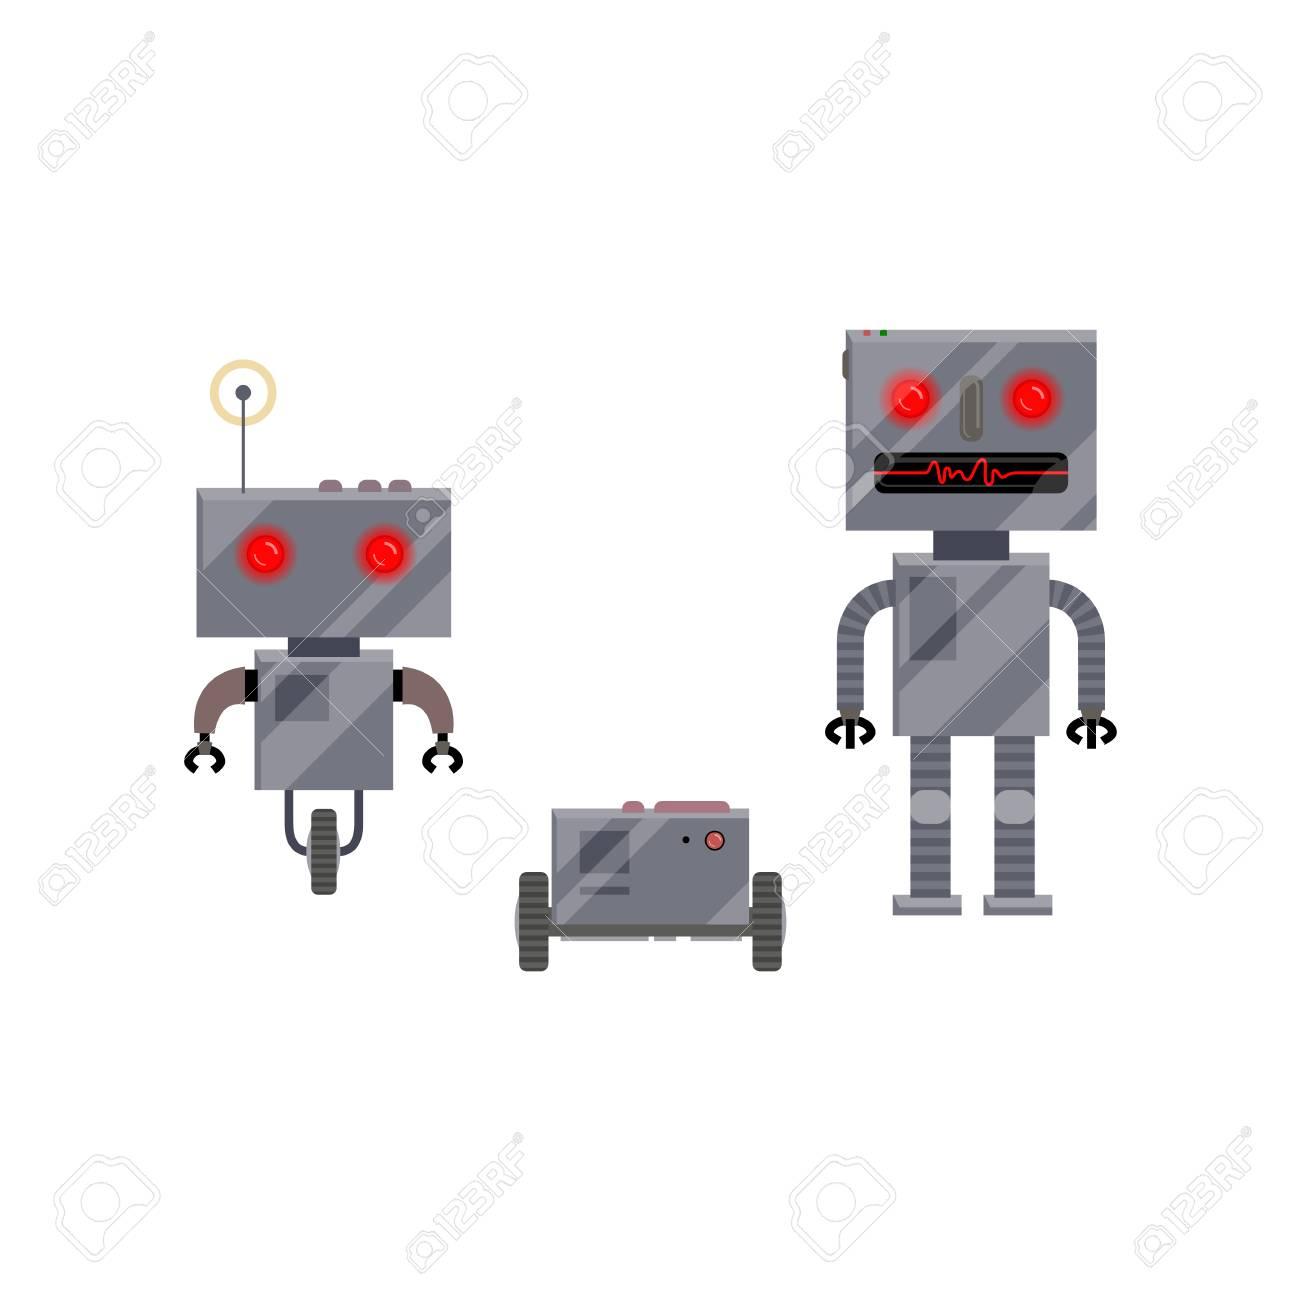 Vettoriale tre personaggi robot stile moderno e retrò fumetto